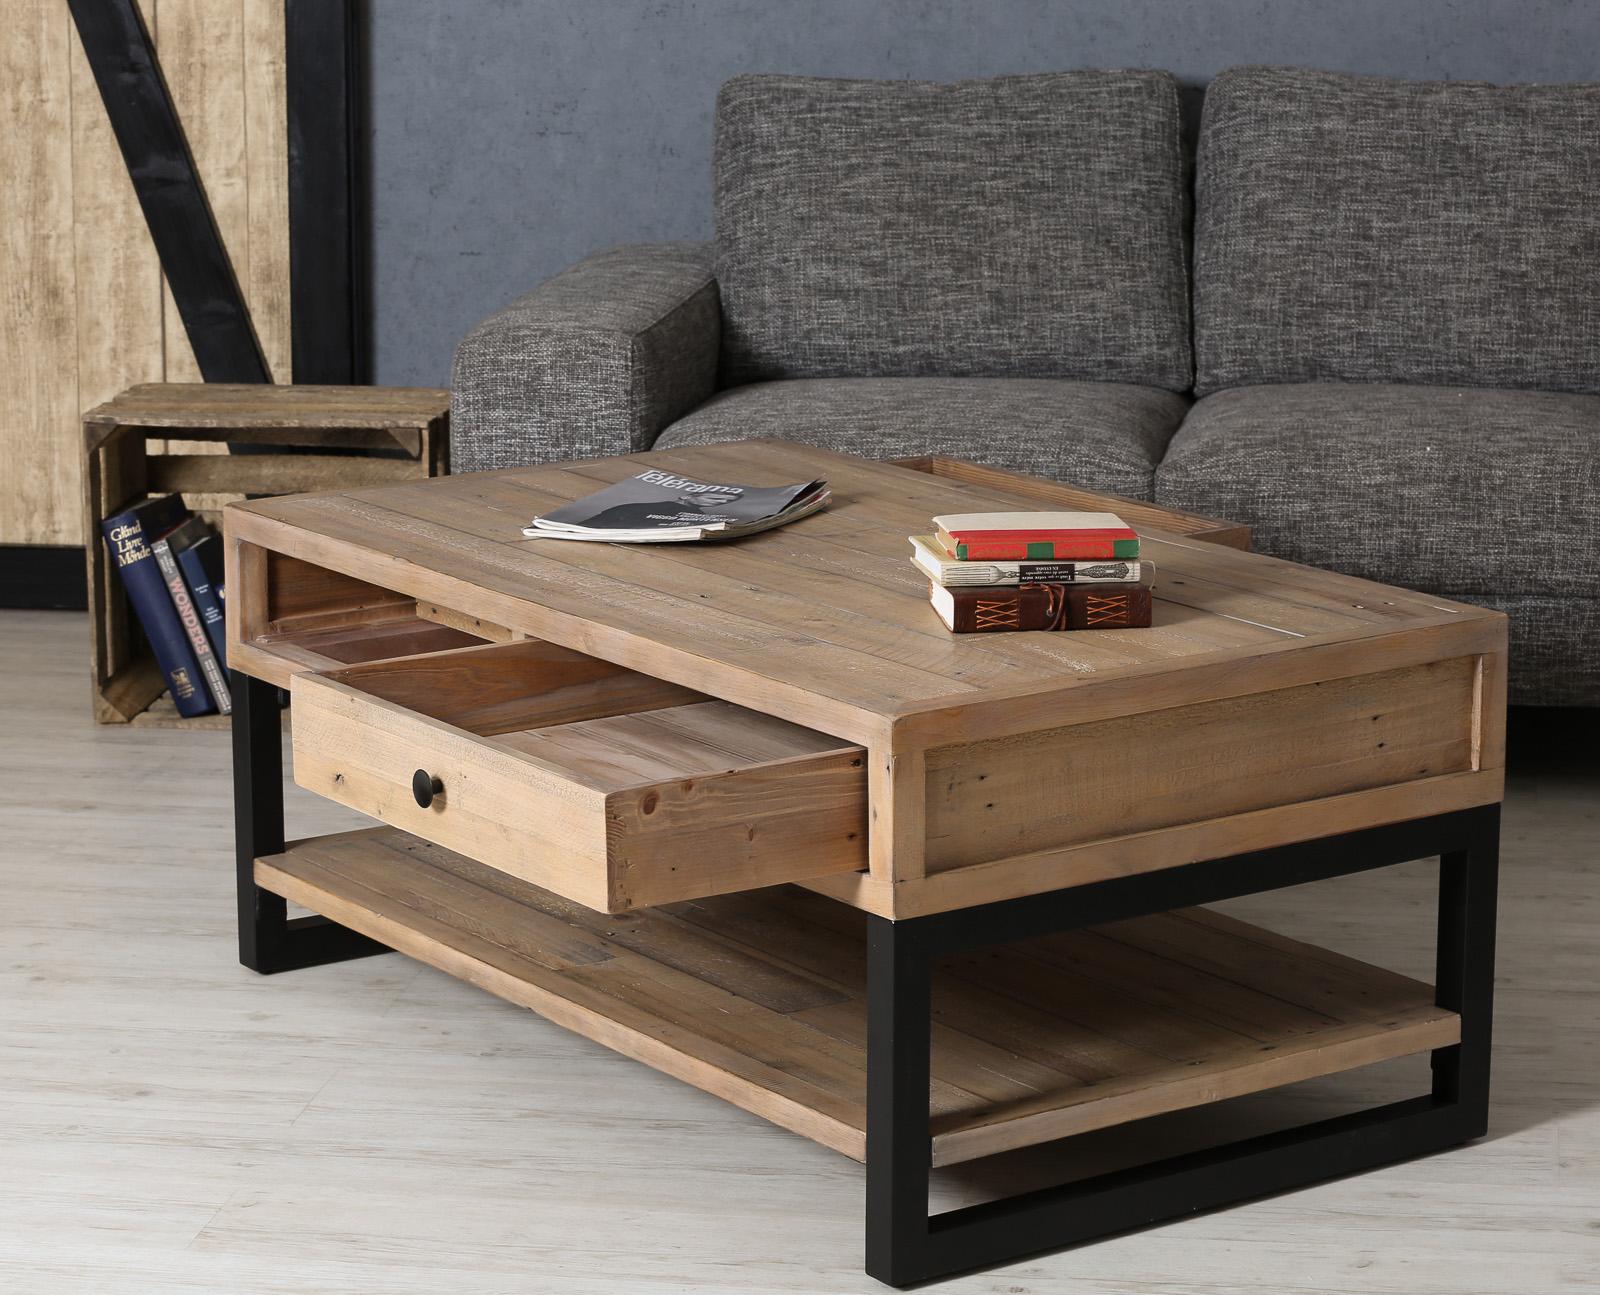 table basse avec rangement en bois recycle auckland